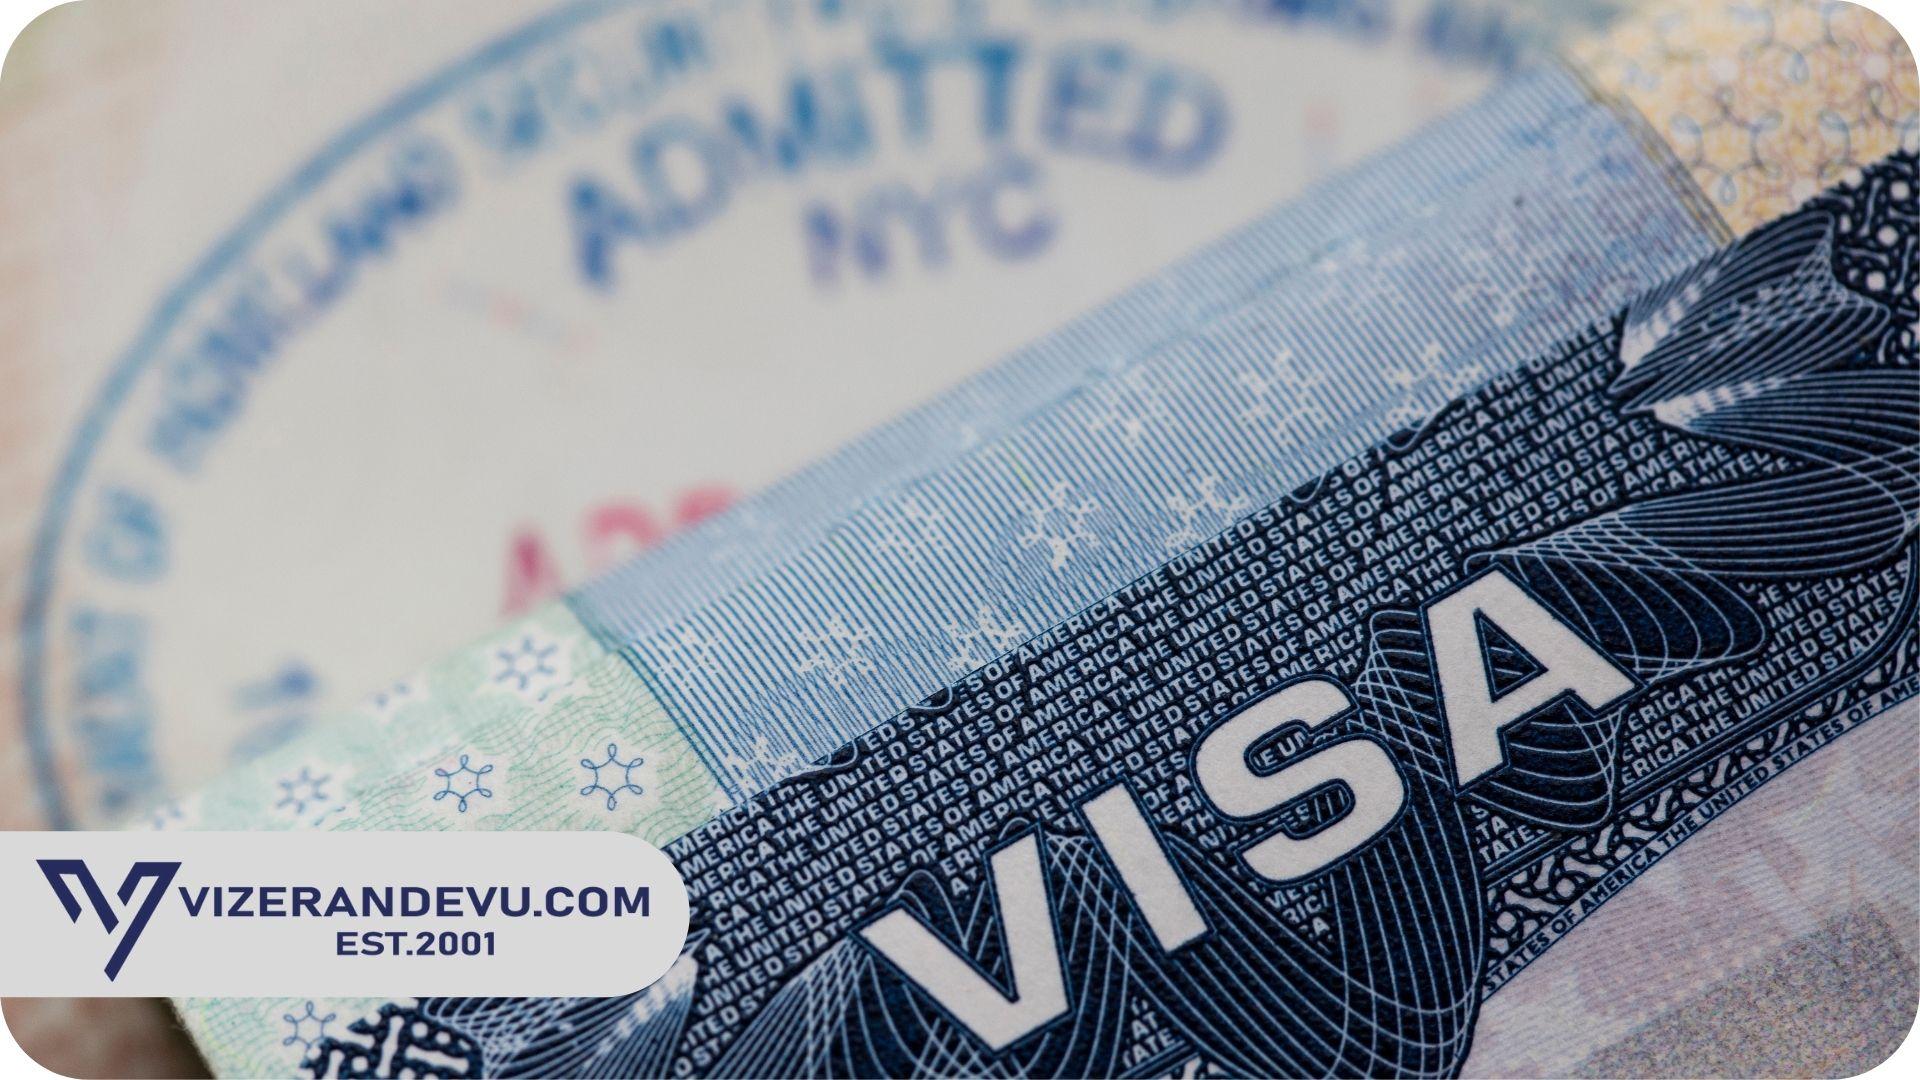 Schengen Vizesi İçin Başvuru Formunu Nasıl Doldurmalıyım?